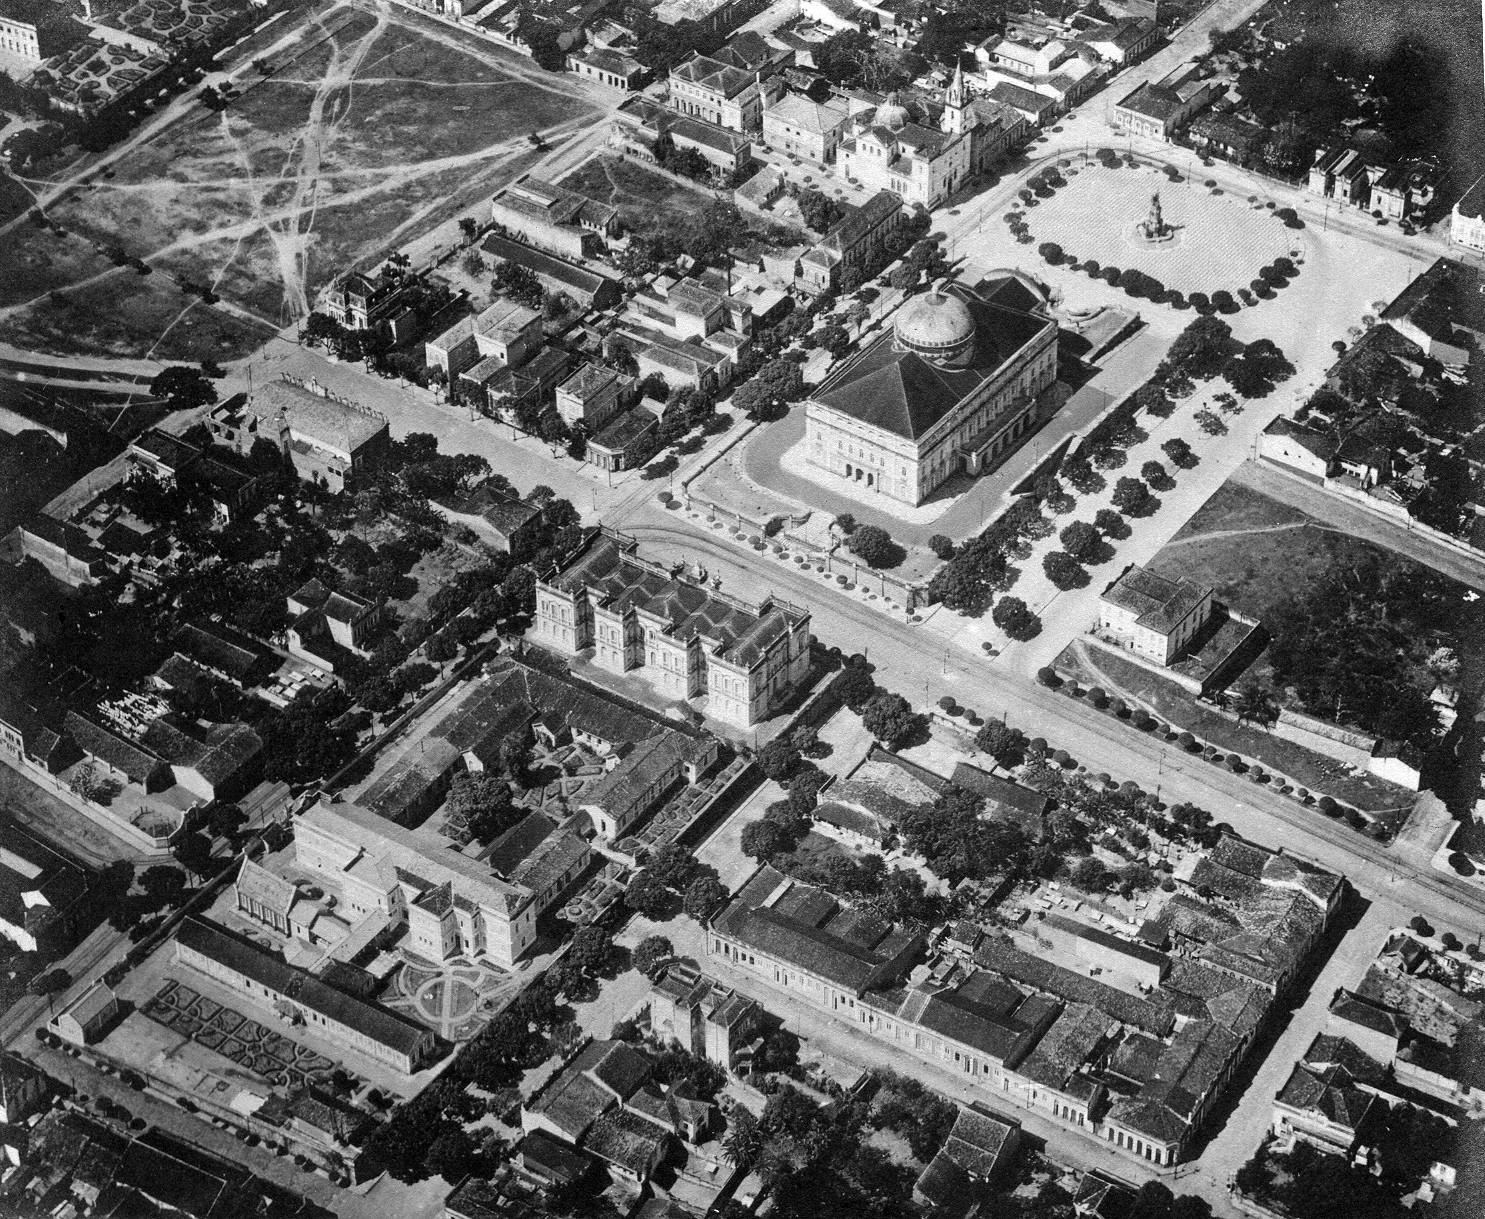 Vista aérea dos pontos de referência de Manaus - Instituto Durango Duarte